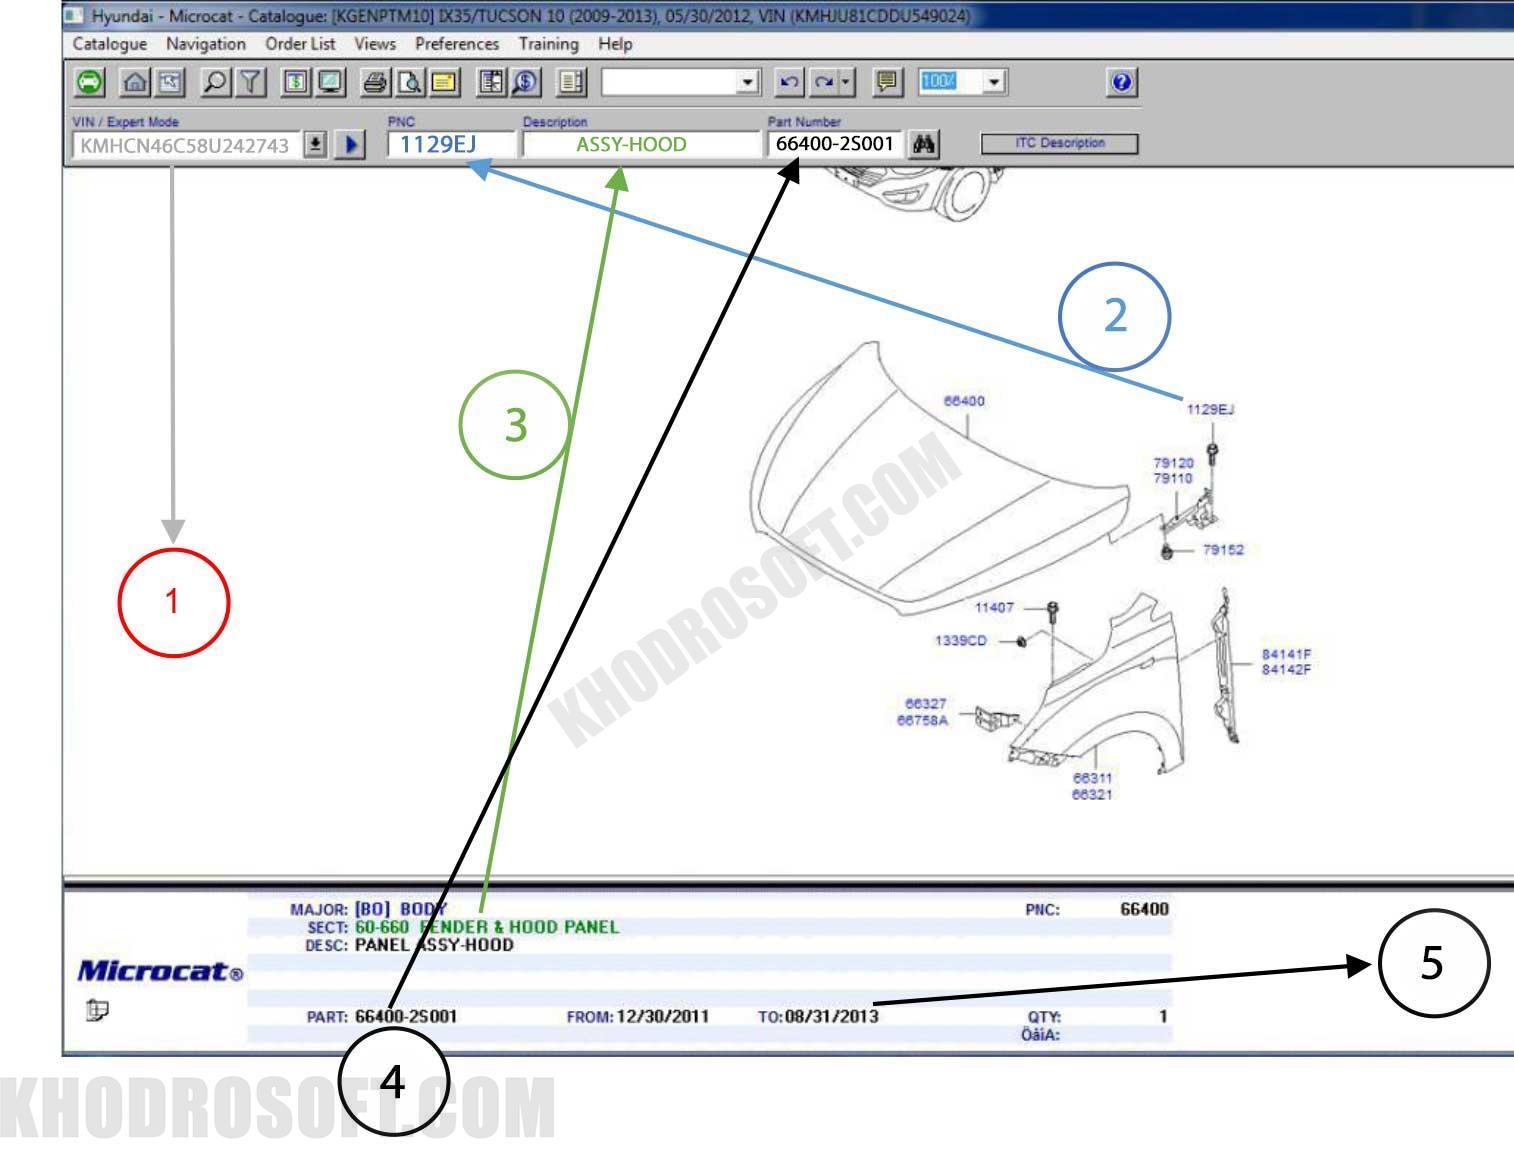 مایکروکت - بخش داخلی کاتالوگ شماره فنی راهنمای کار با نرم افزار مایکروکت راهنمای تصویری کار با نرم افزار مایکروکت part catalog 2